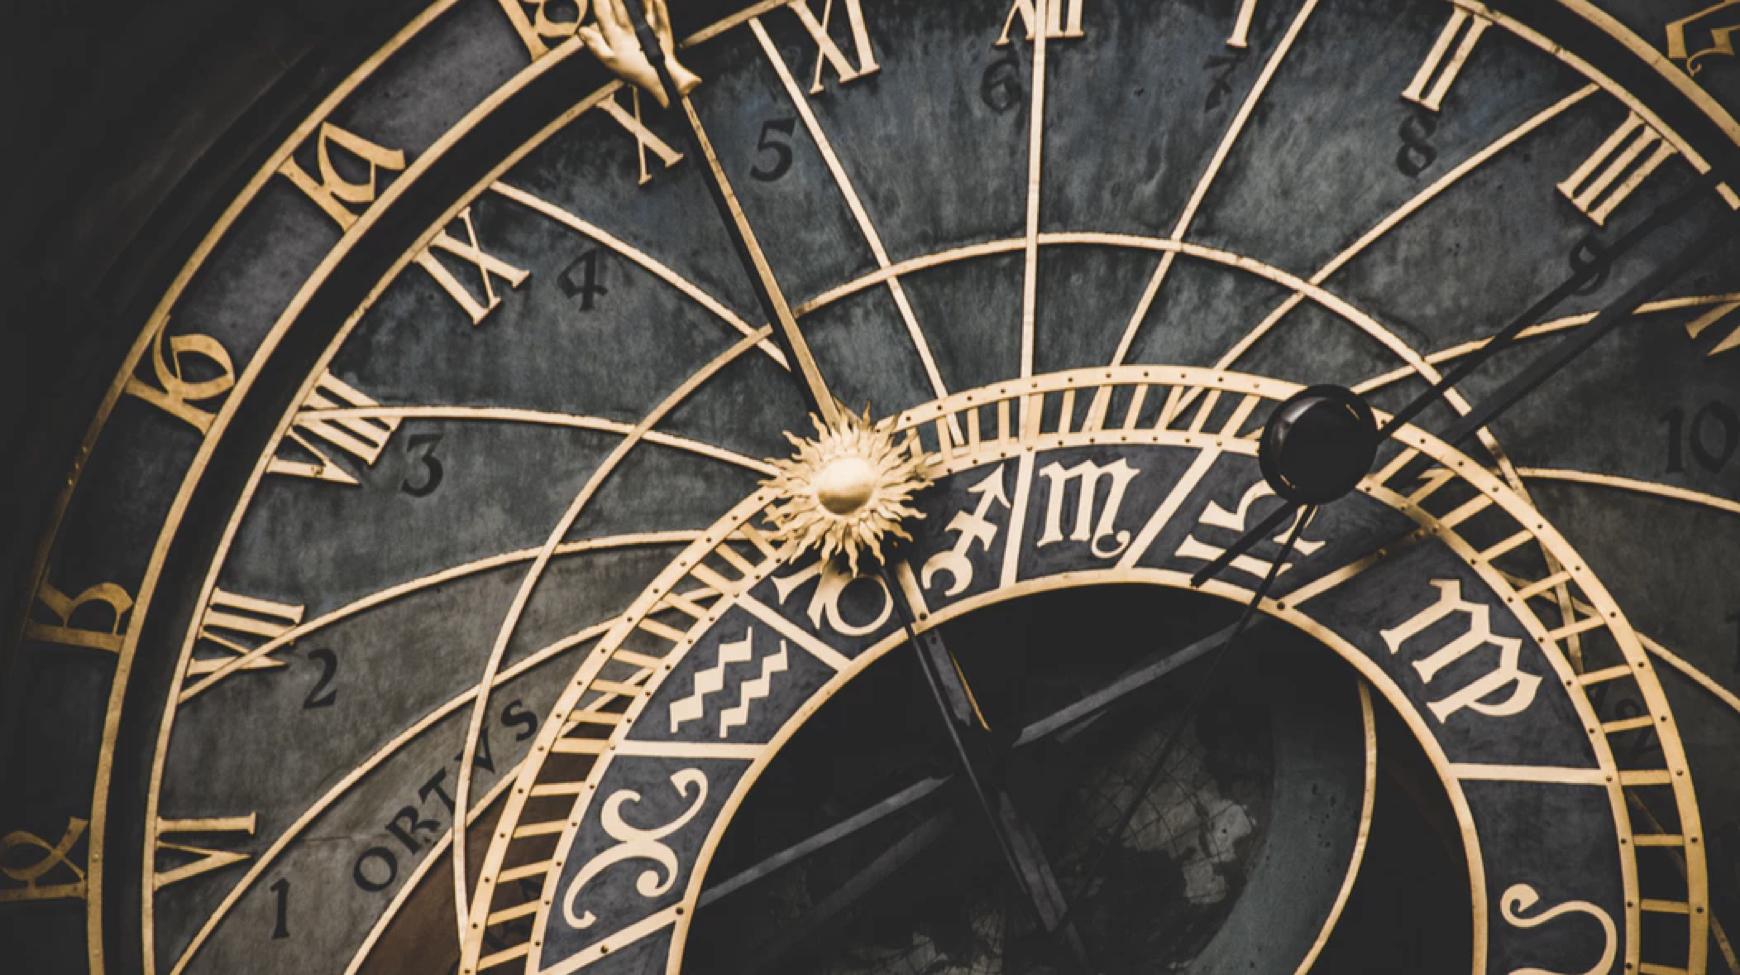 Como serão os relógios do futuro